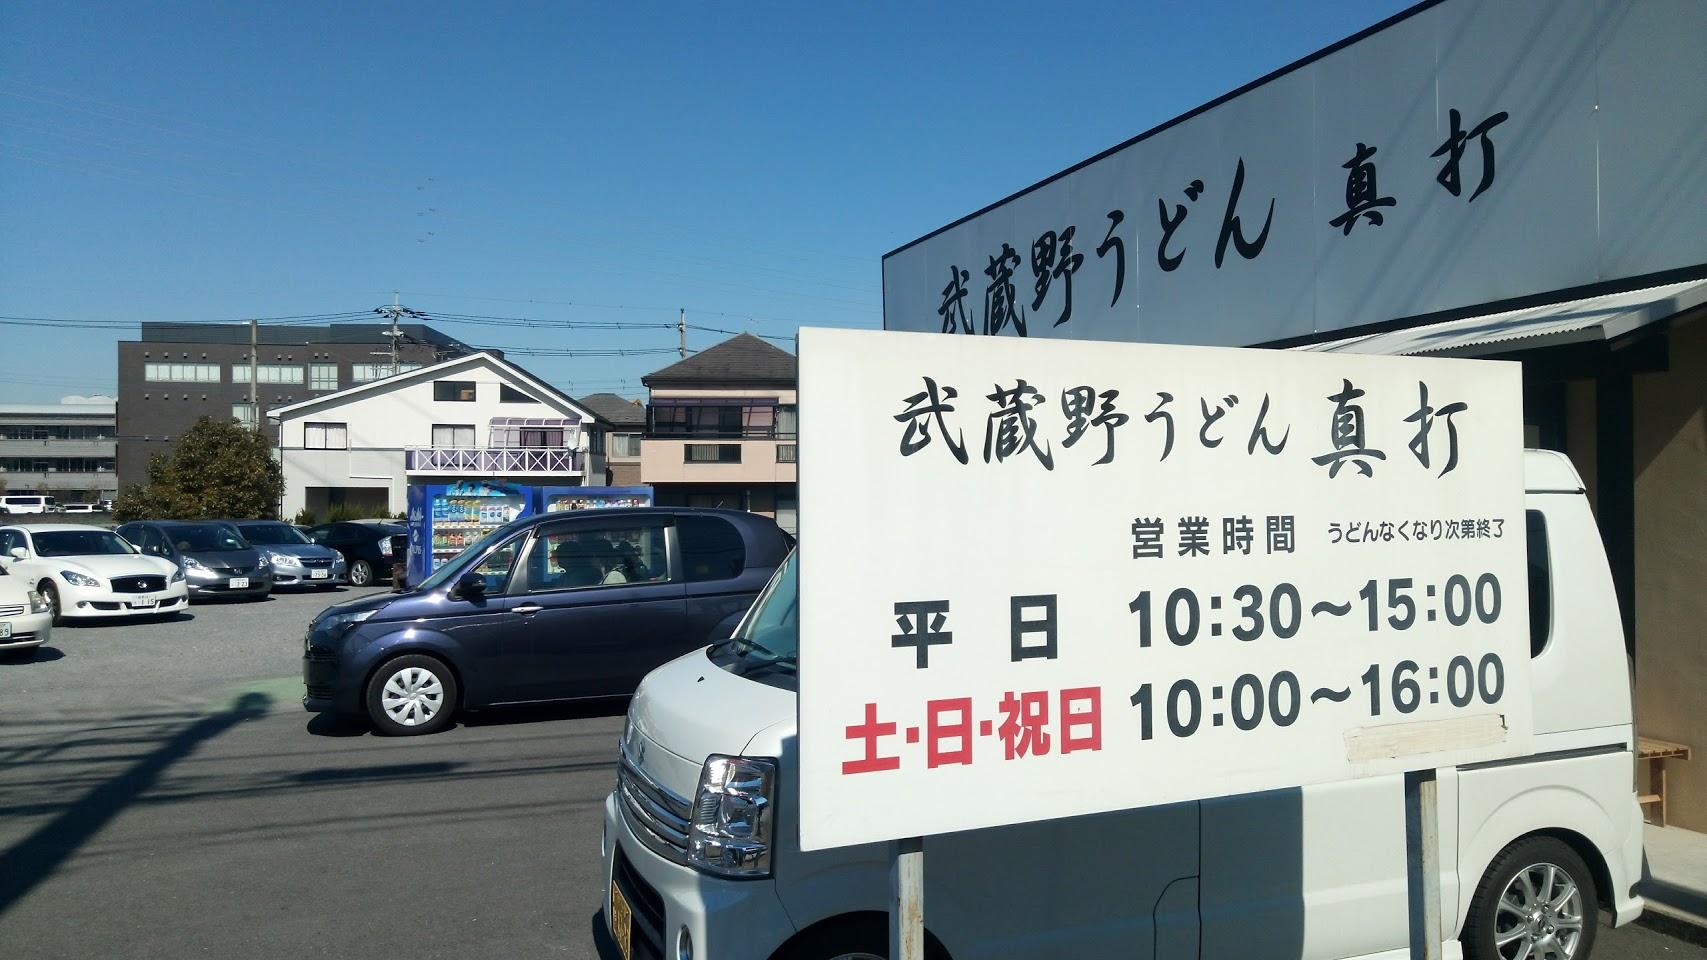 【おいしい川越】武蔵野うどん 真打 肉汁つけうどん並720円。天ぷらがうまい。